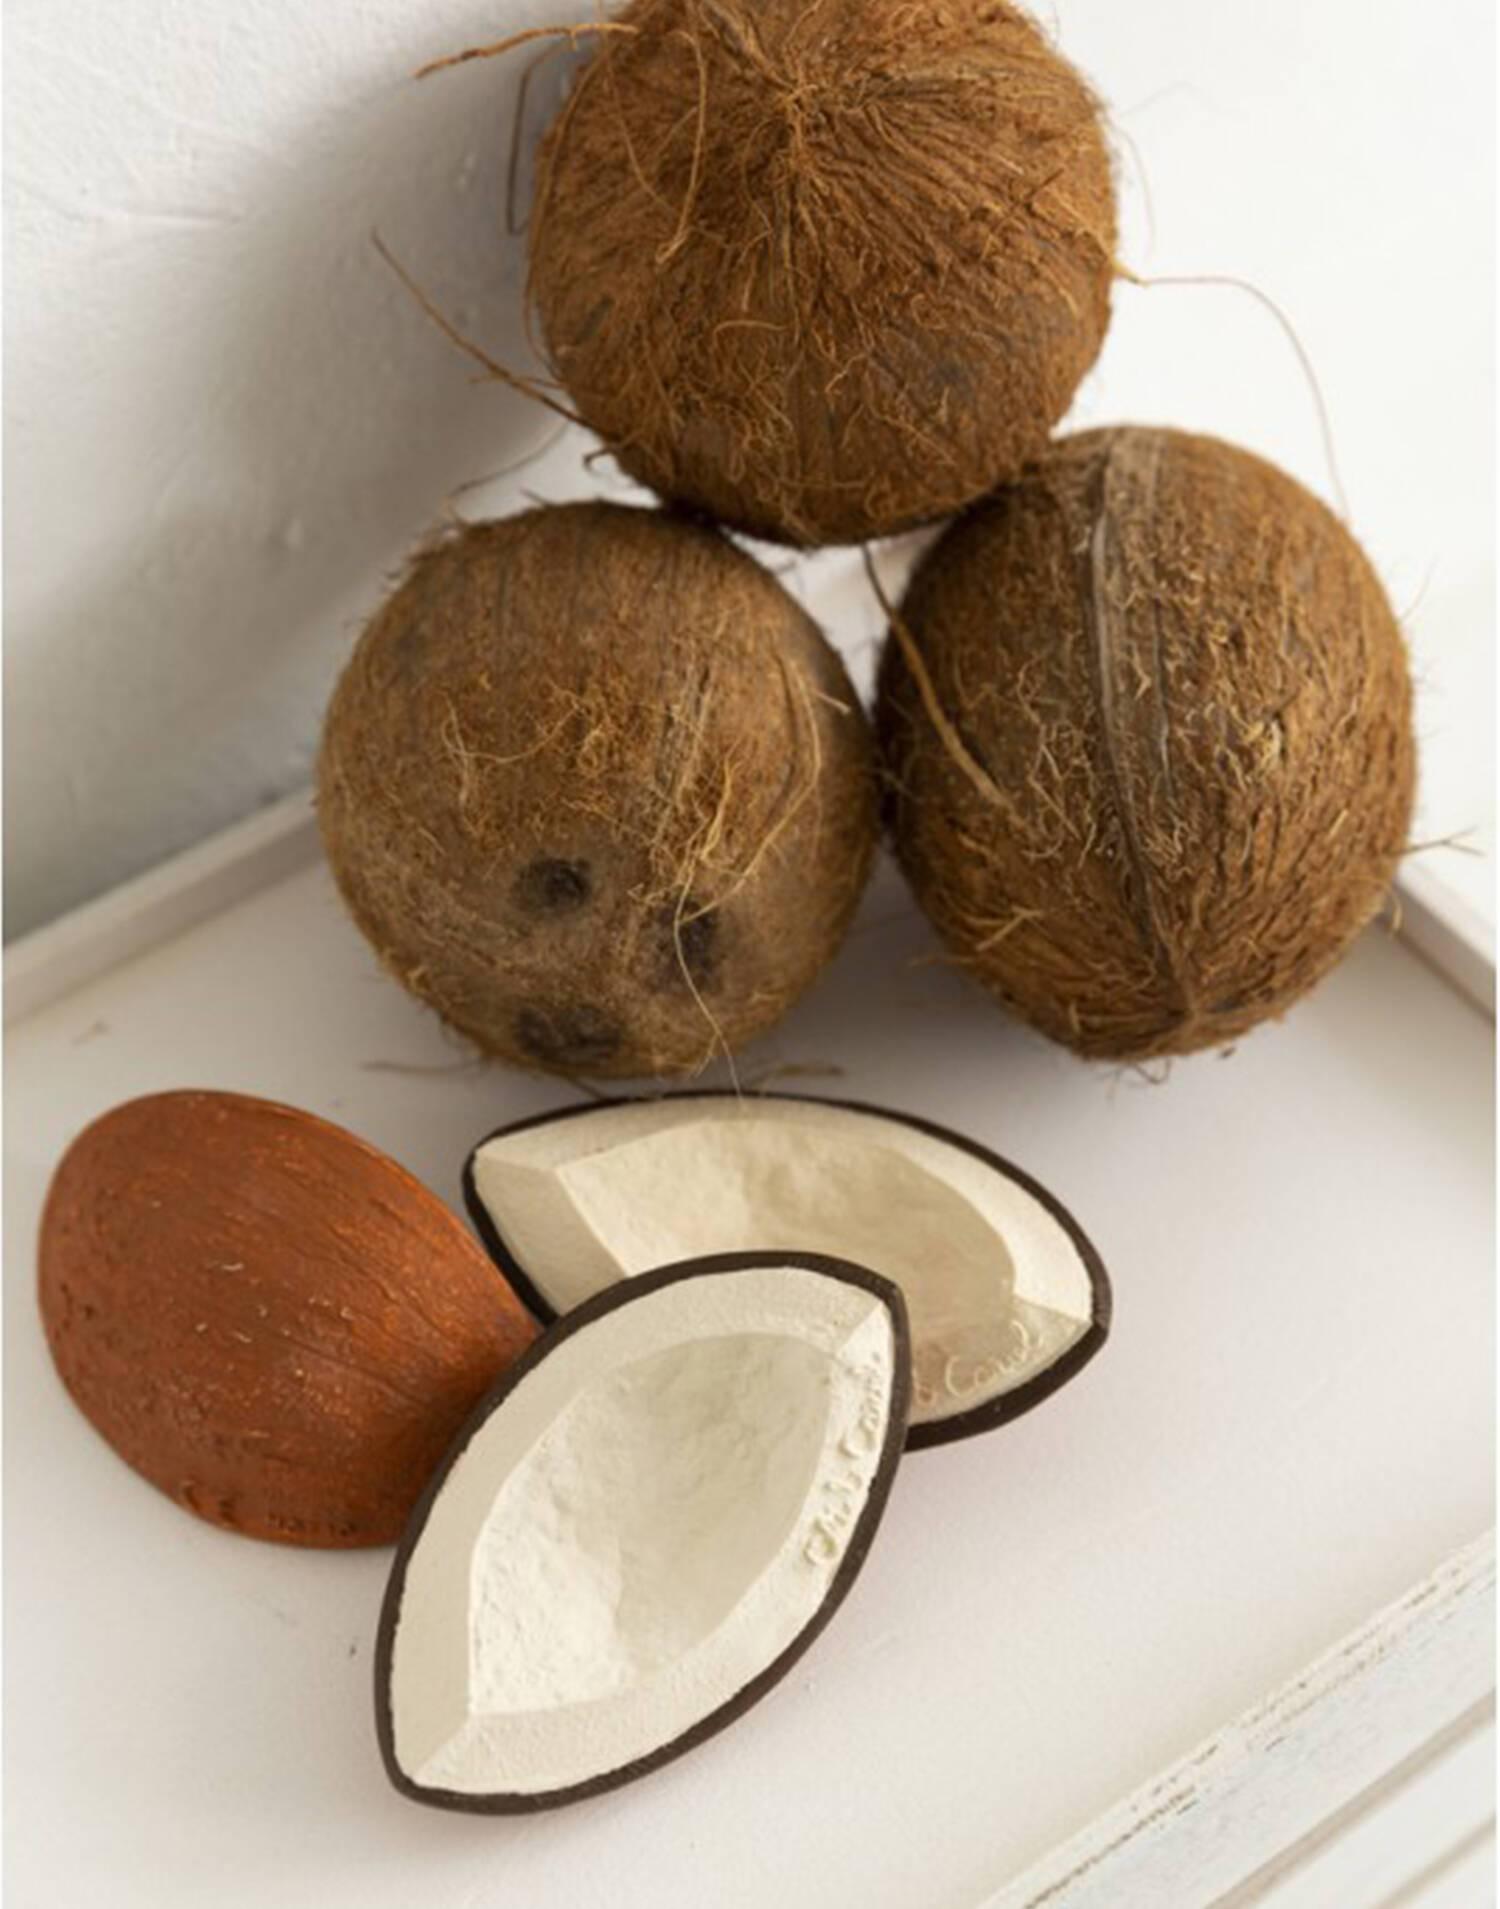 Juguete mordedor coco coconut